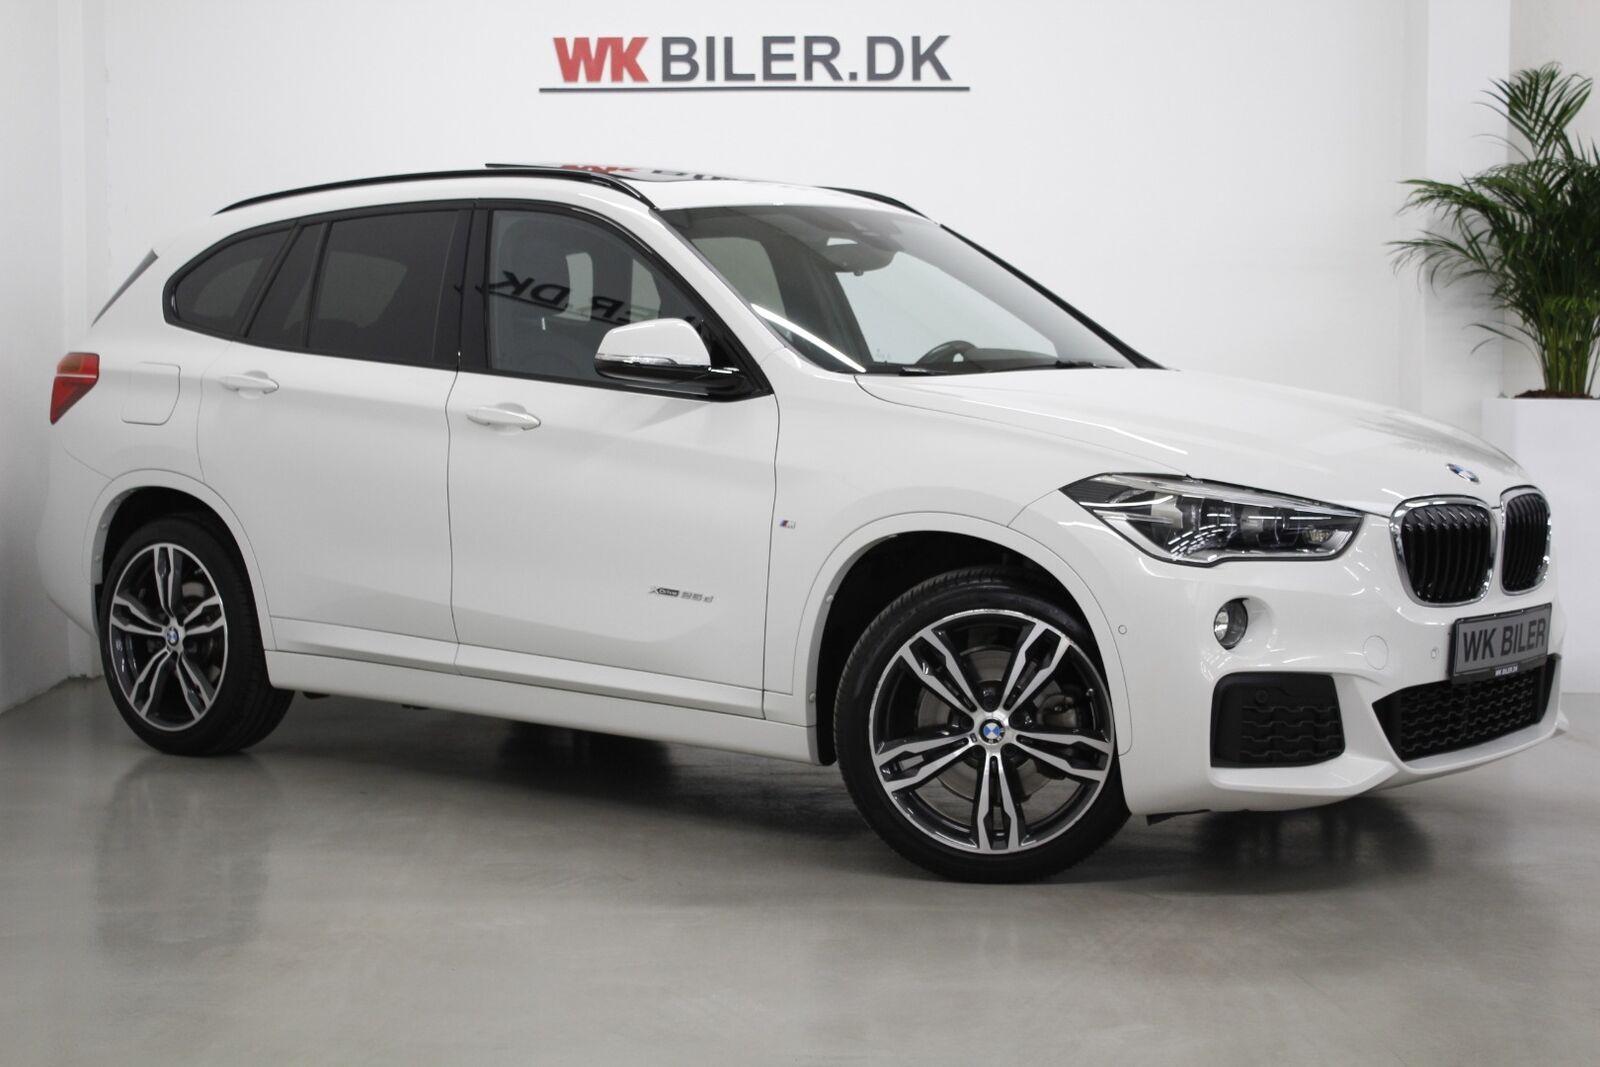 BMW X1 2,0 xDrive25d M-Sport aut. 5d - 2.397 kr.